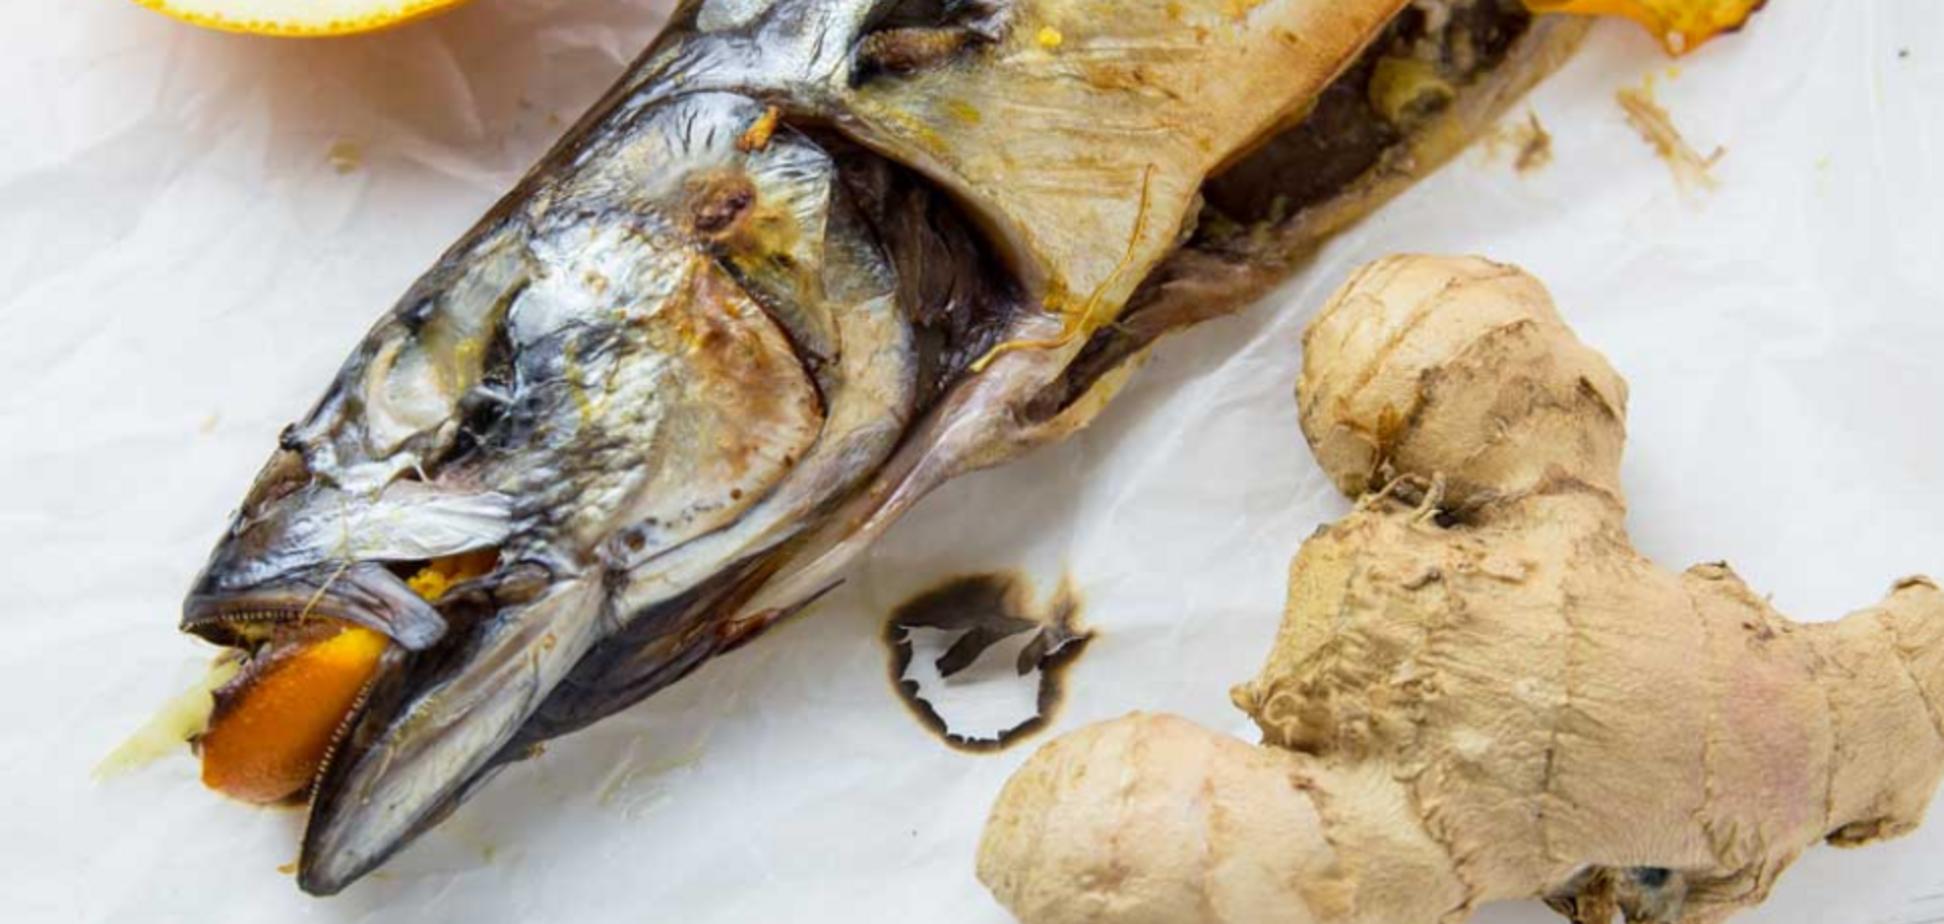 Як приготувати оригінальні страви з риби: рецепти від відомого кулінара